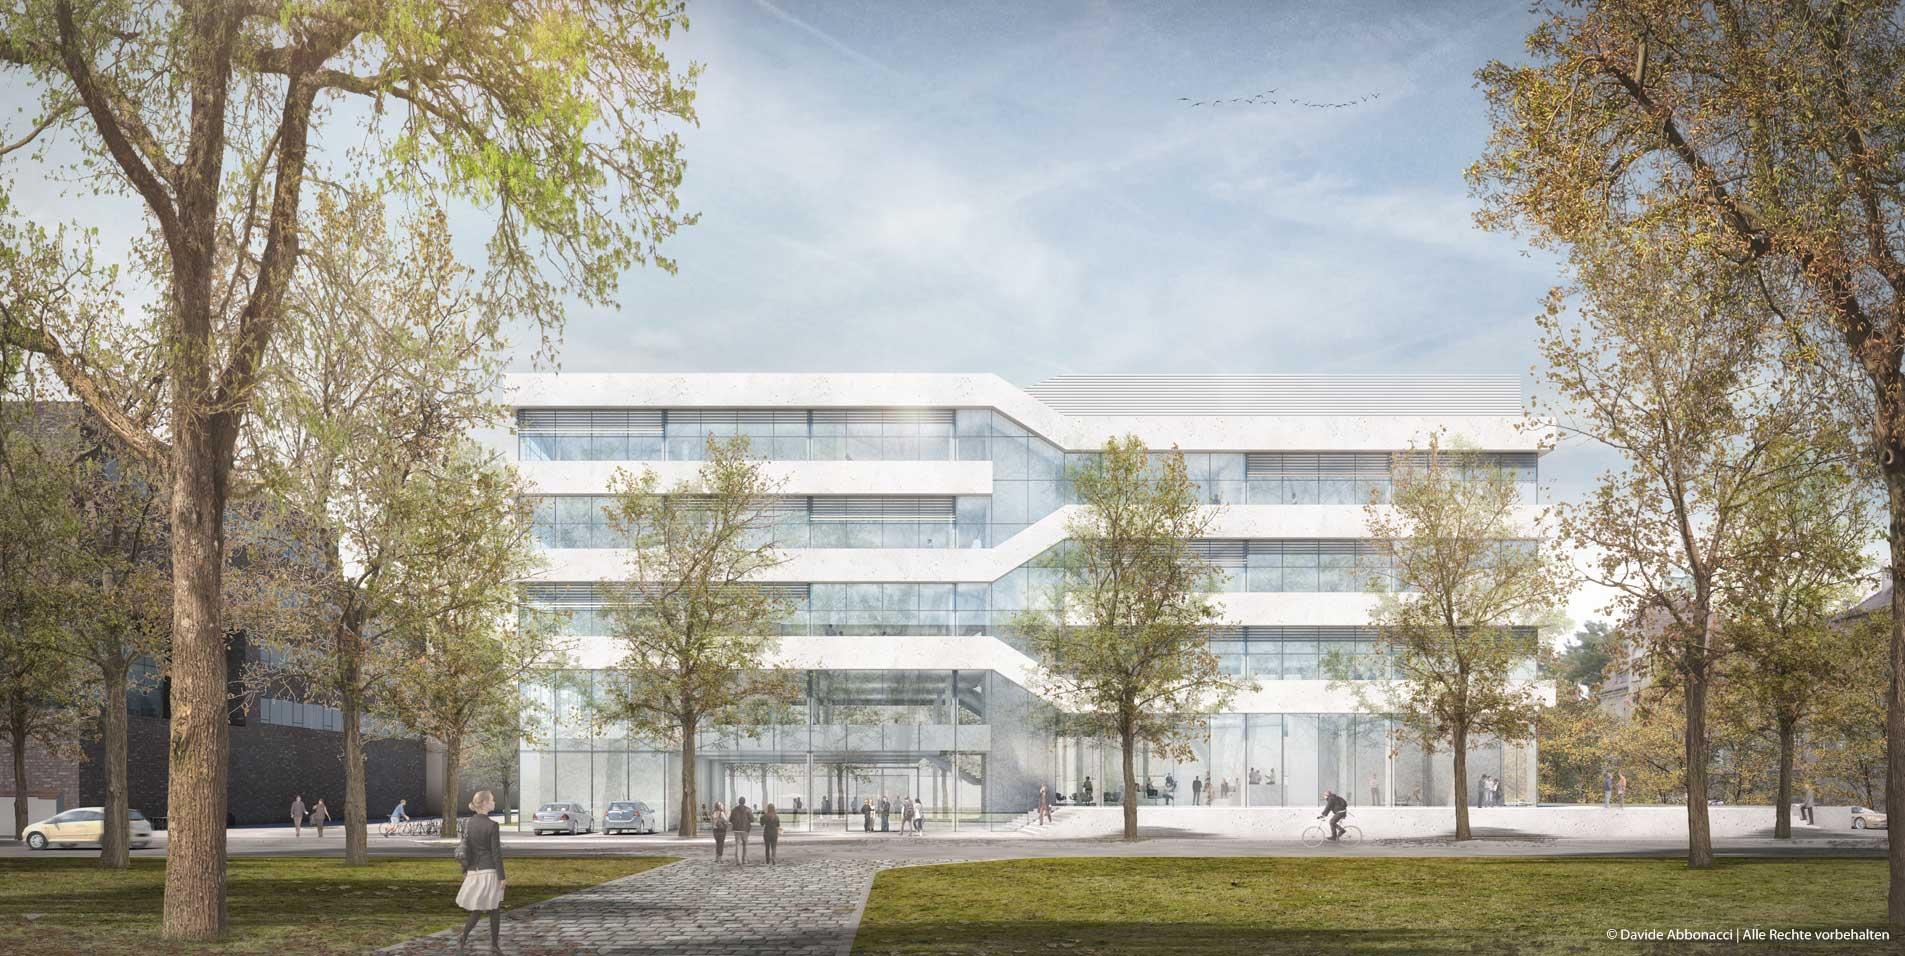 Der Simulierte Mensch – Charité / TU, Berlin | Erchinger Wurfbaum Architekten, Schmieder Dau Architekten | 2018 Wettbewerbsvisualisierung | 3. Preis